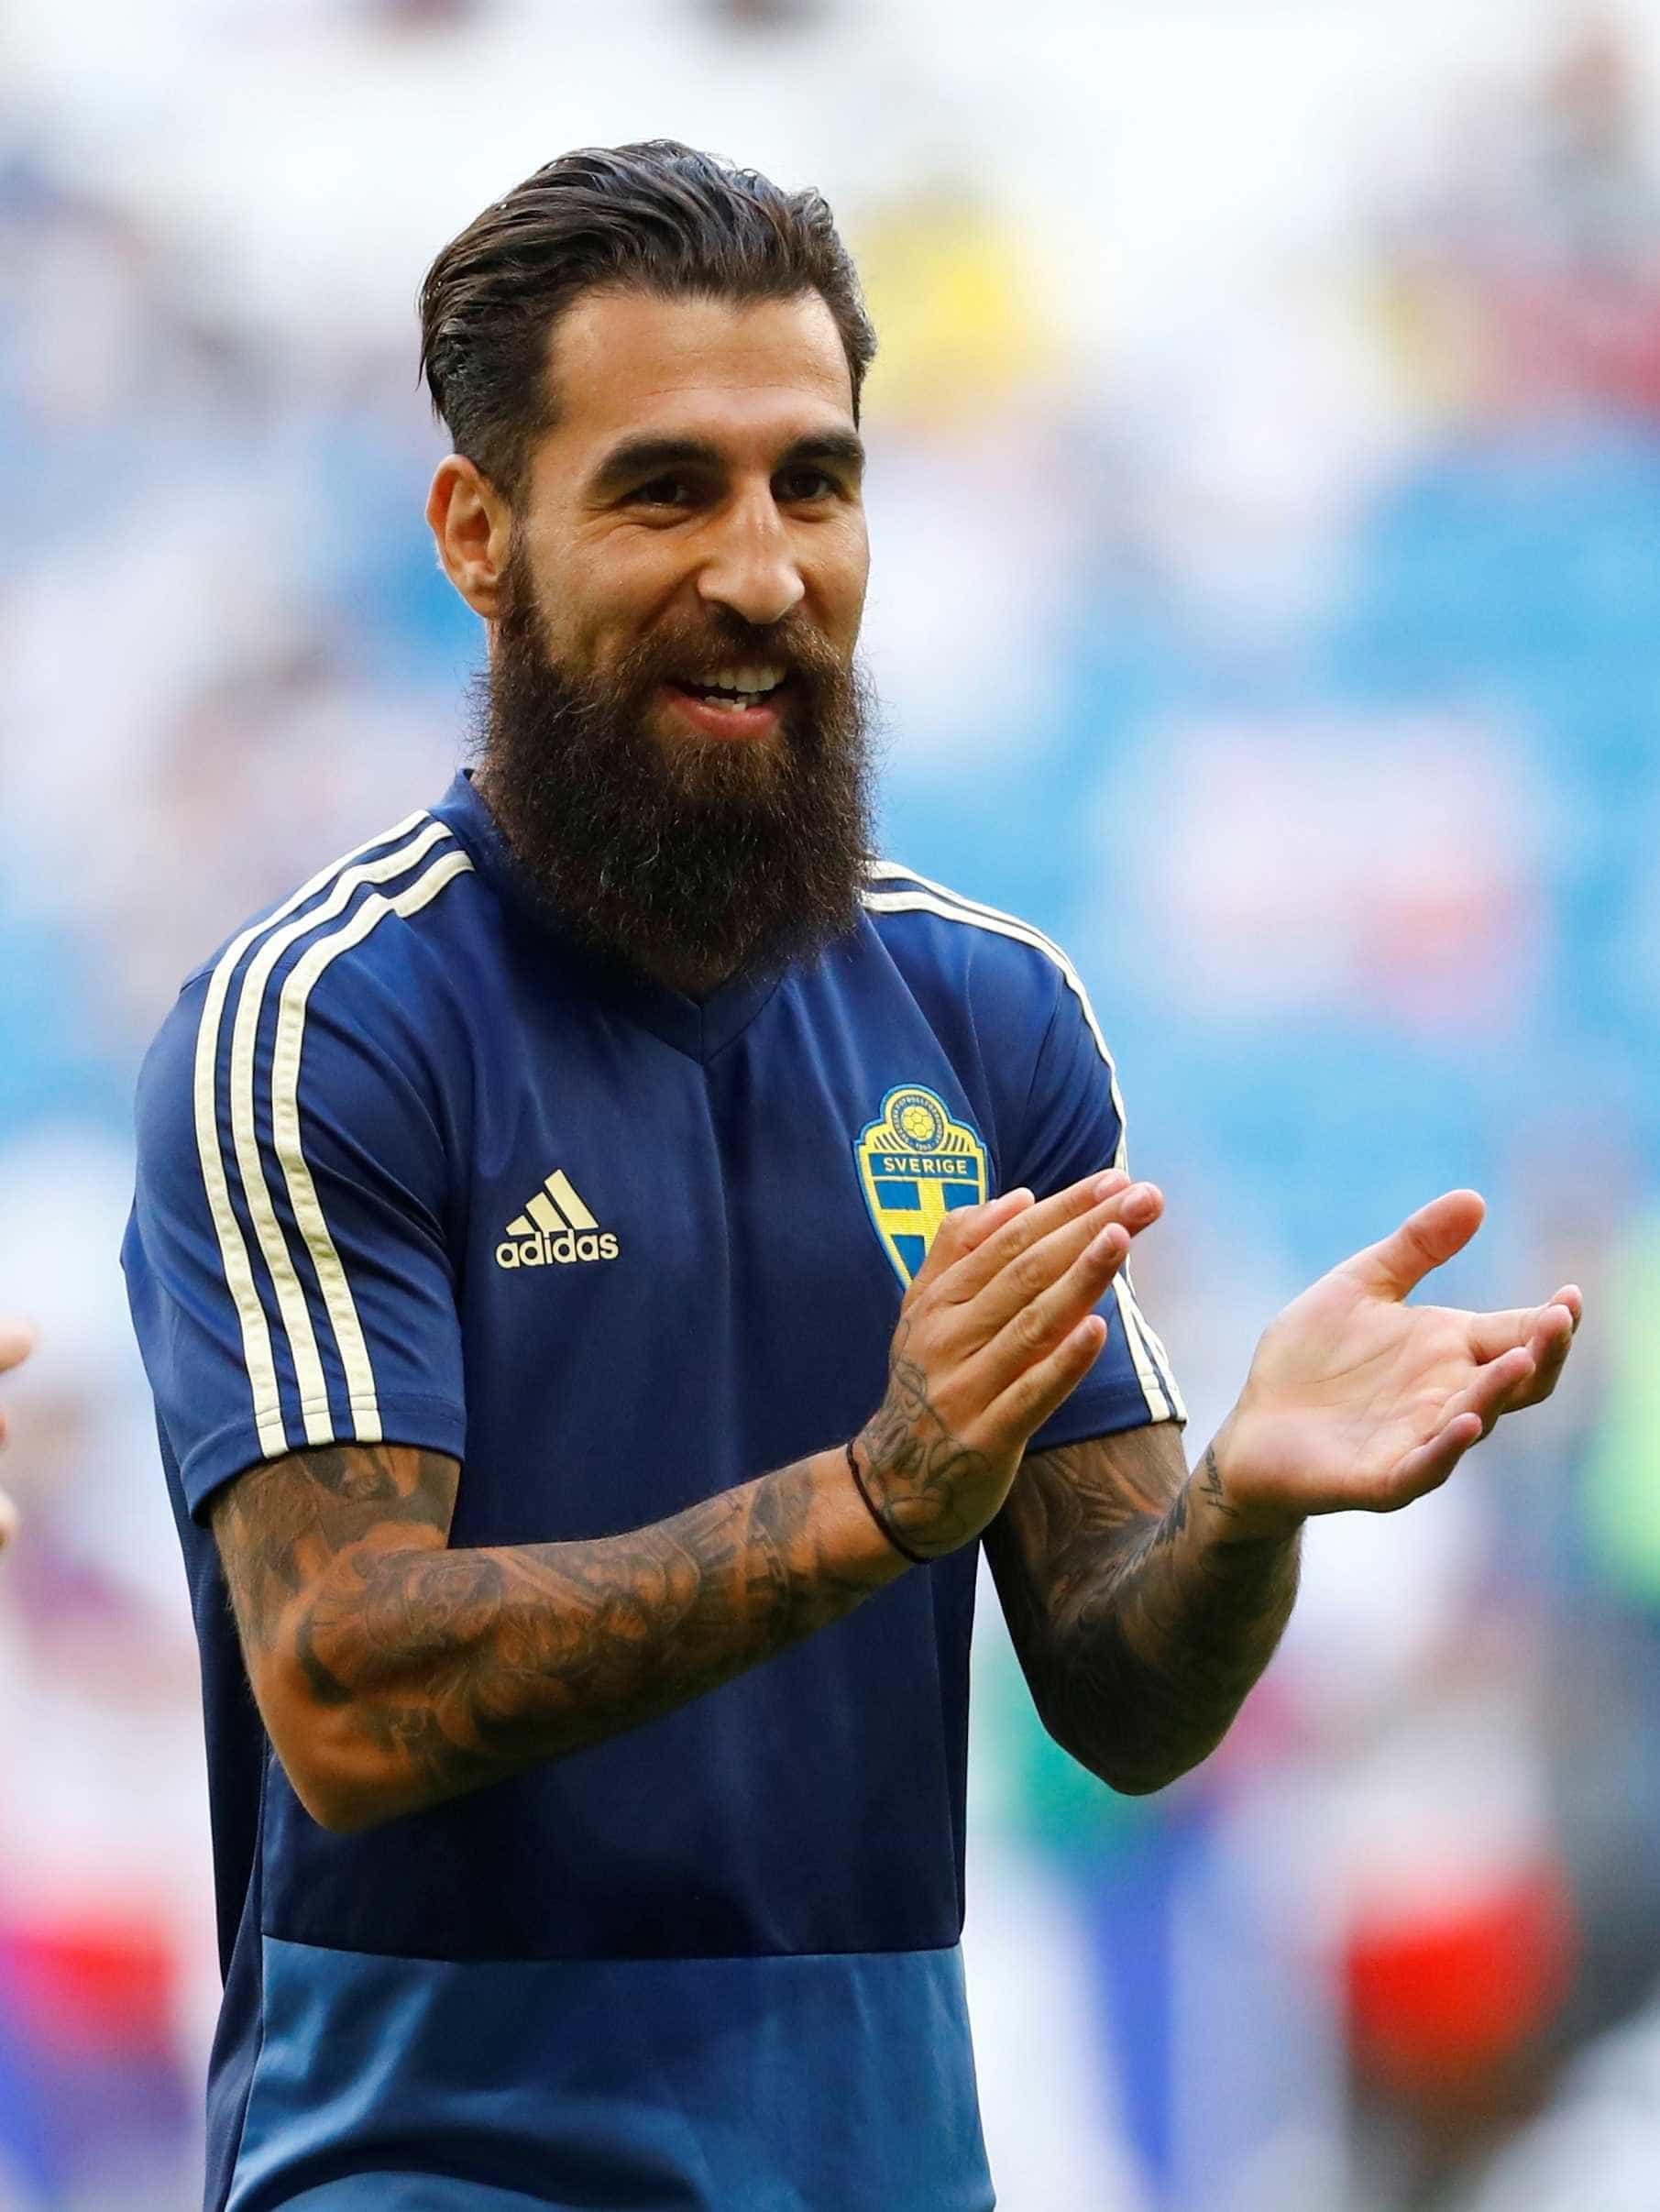 Jovem multado por insultos racistas ao futebolista sueco Durmaz